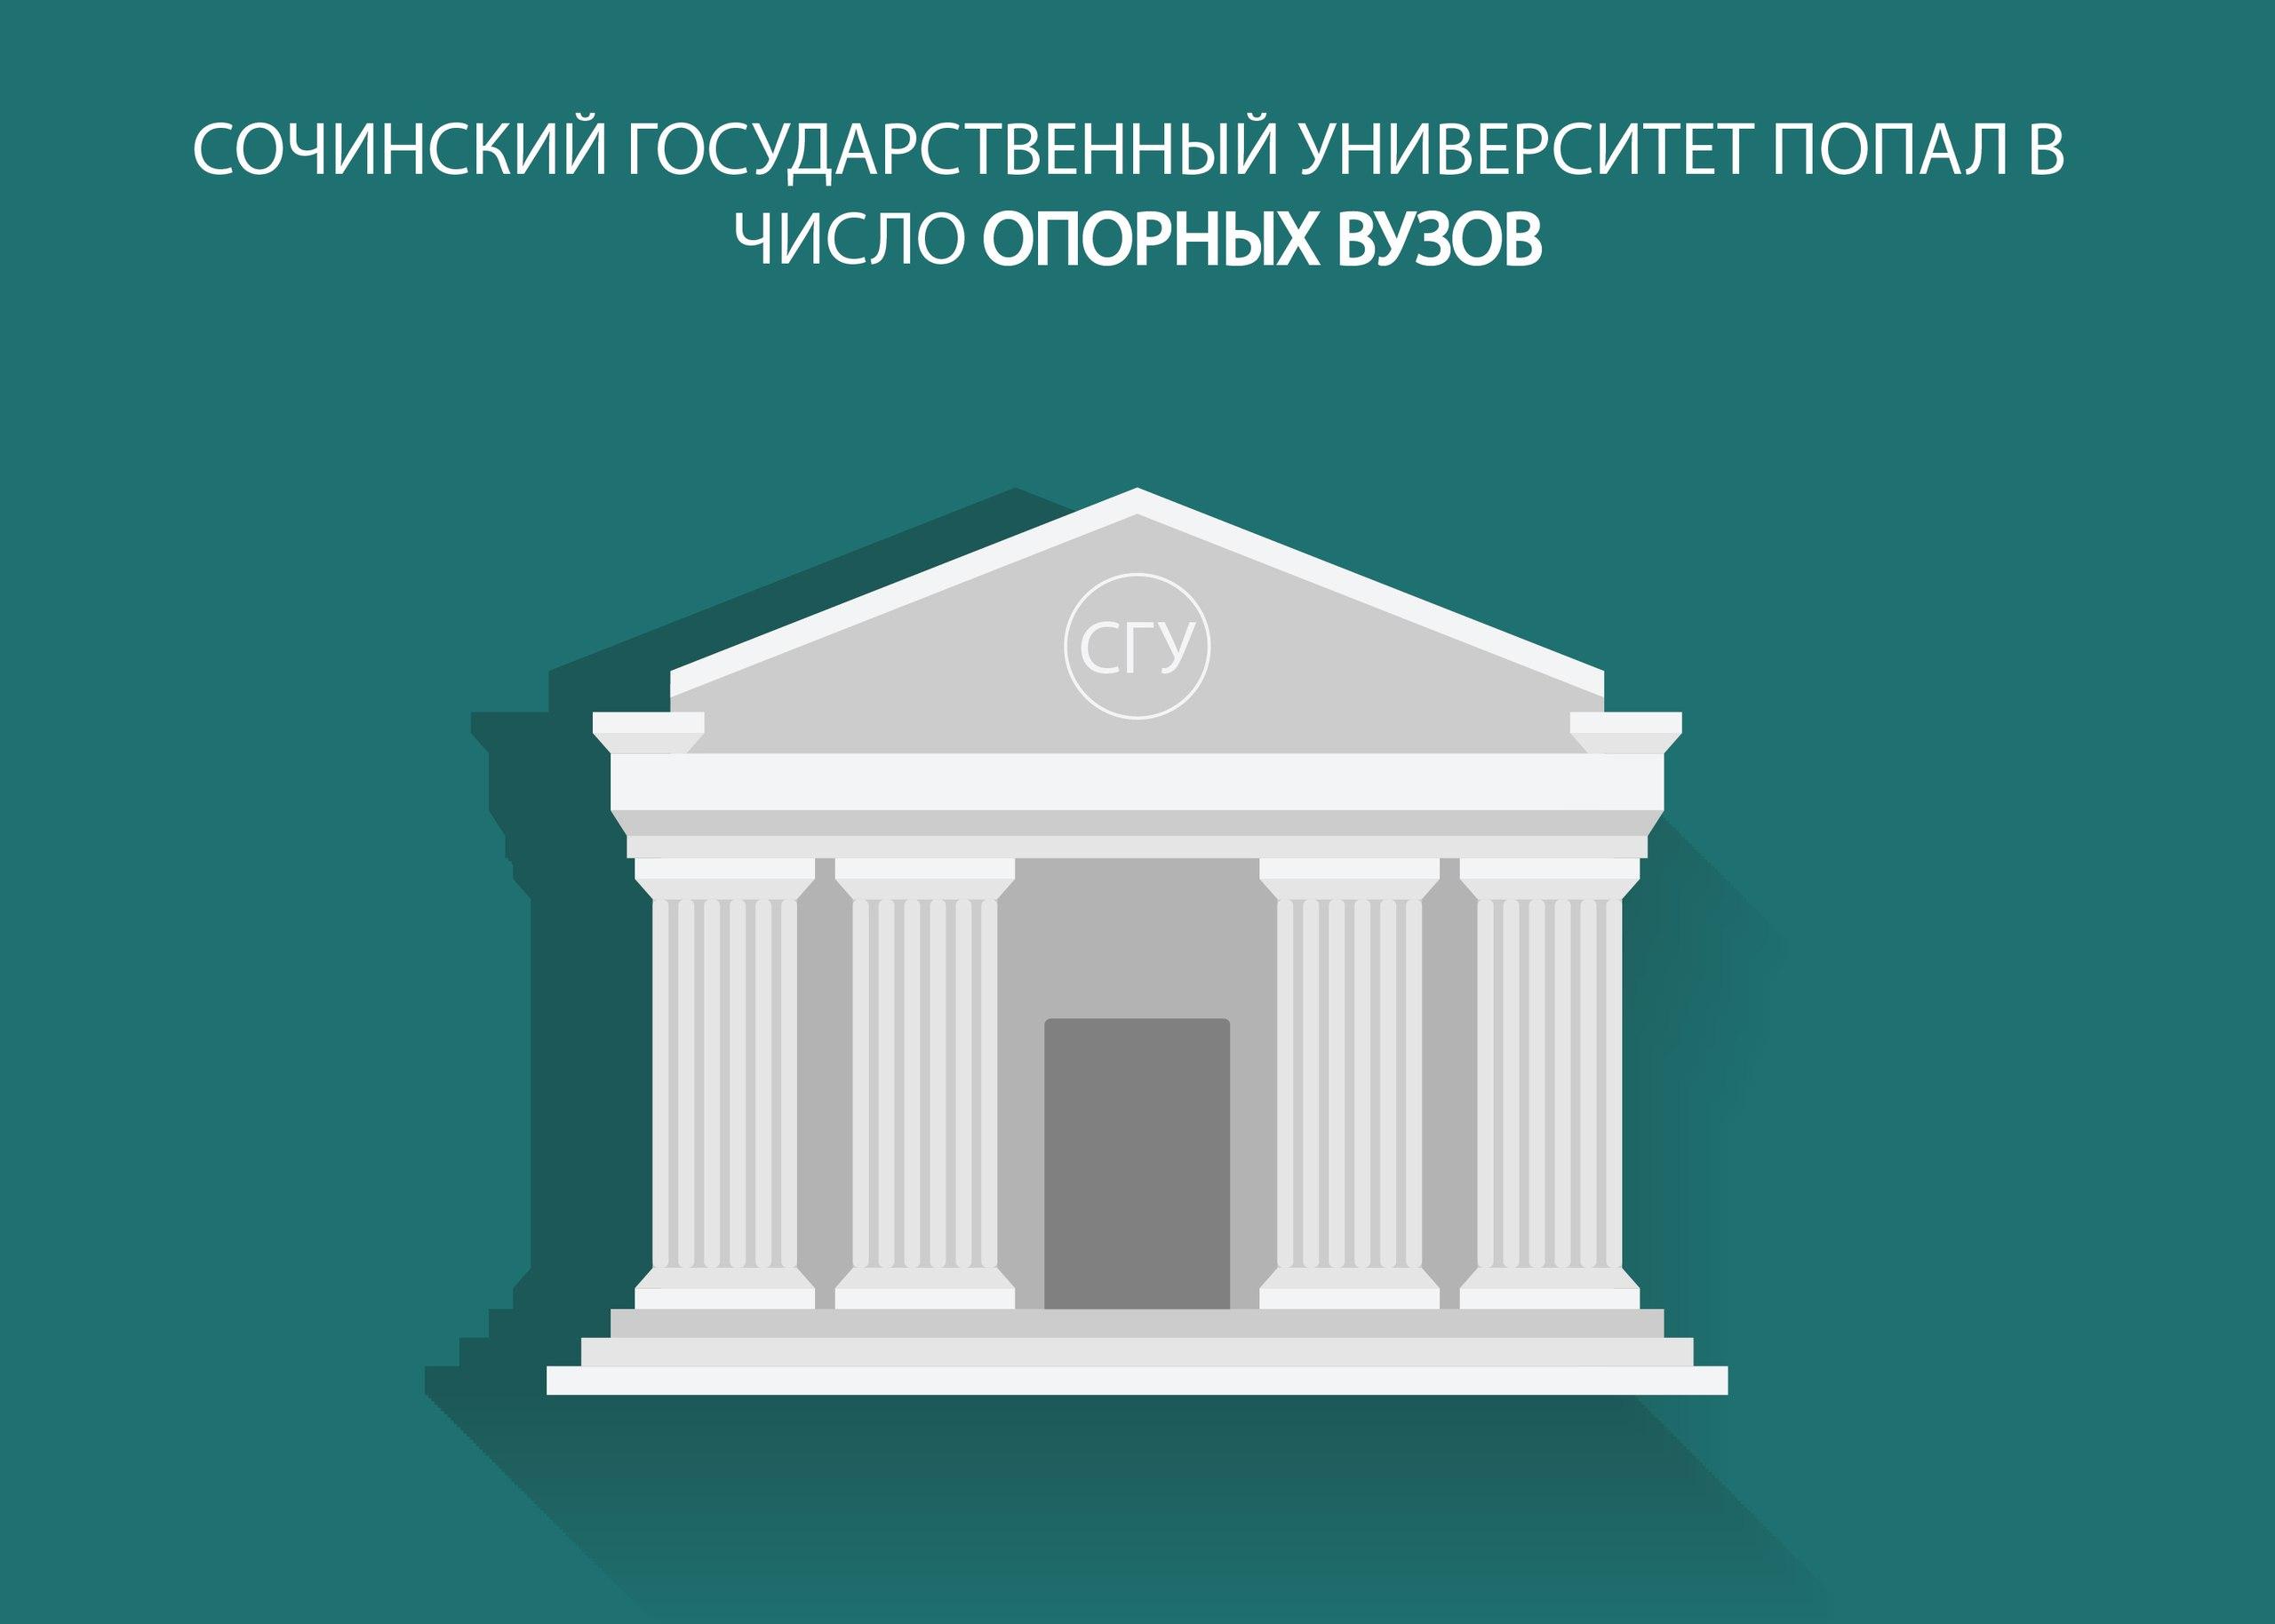 СГУ в числе опорных вузов страны